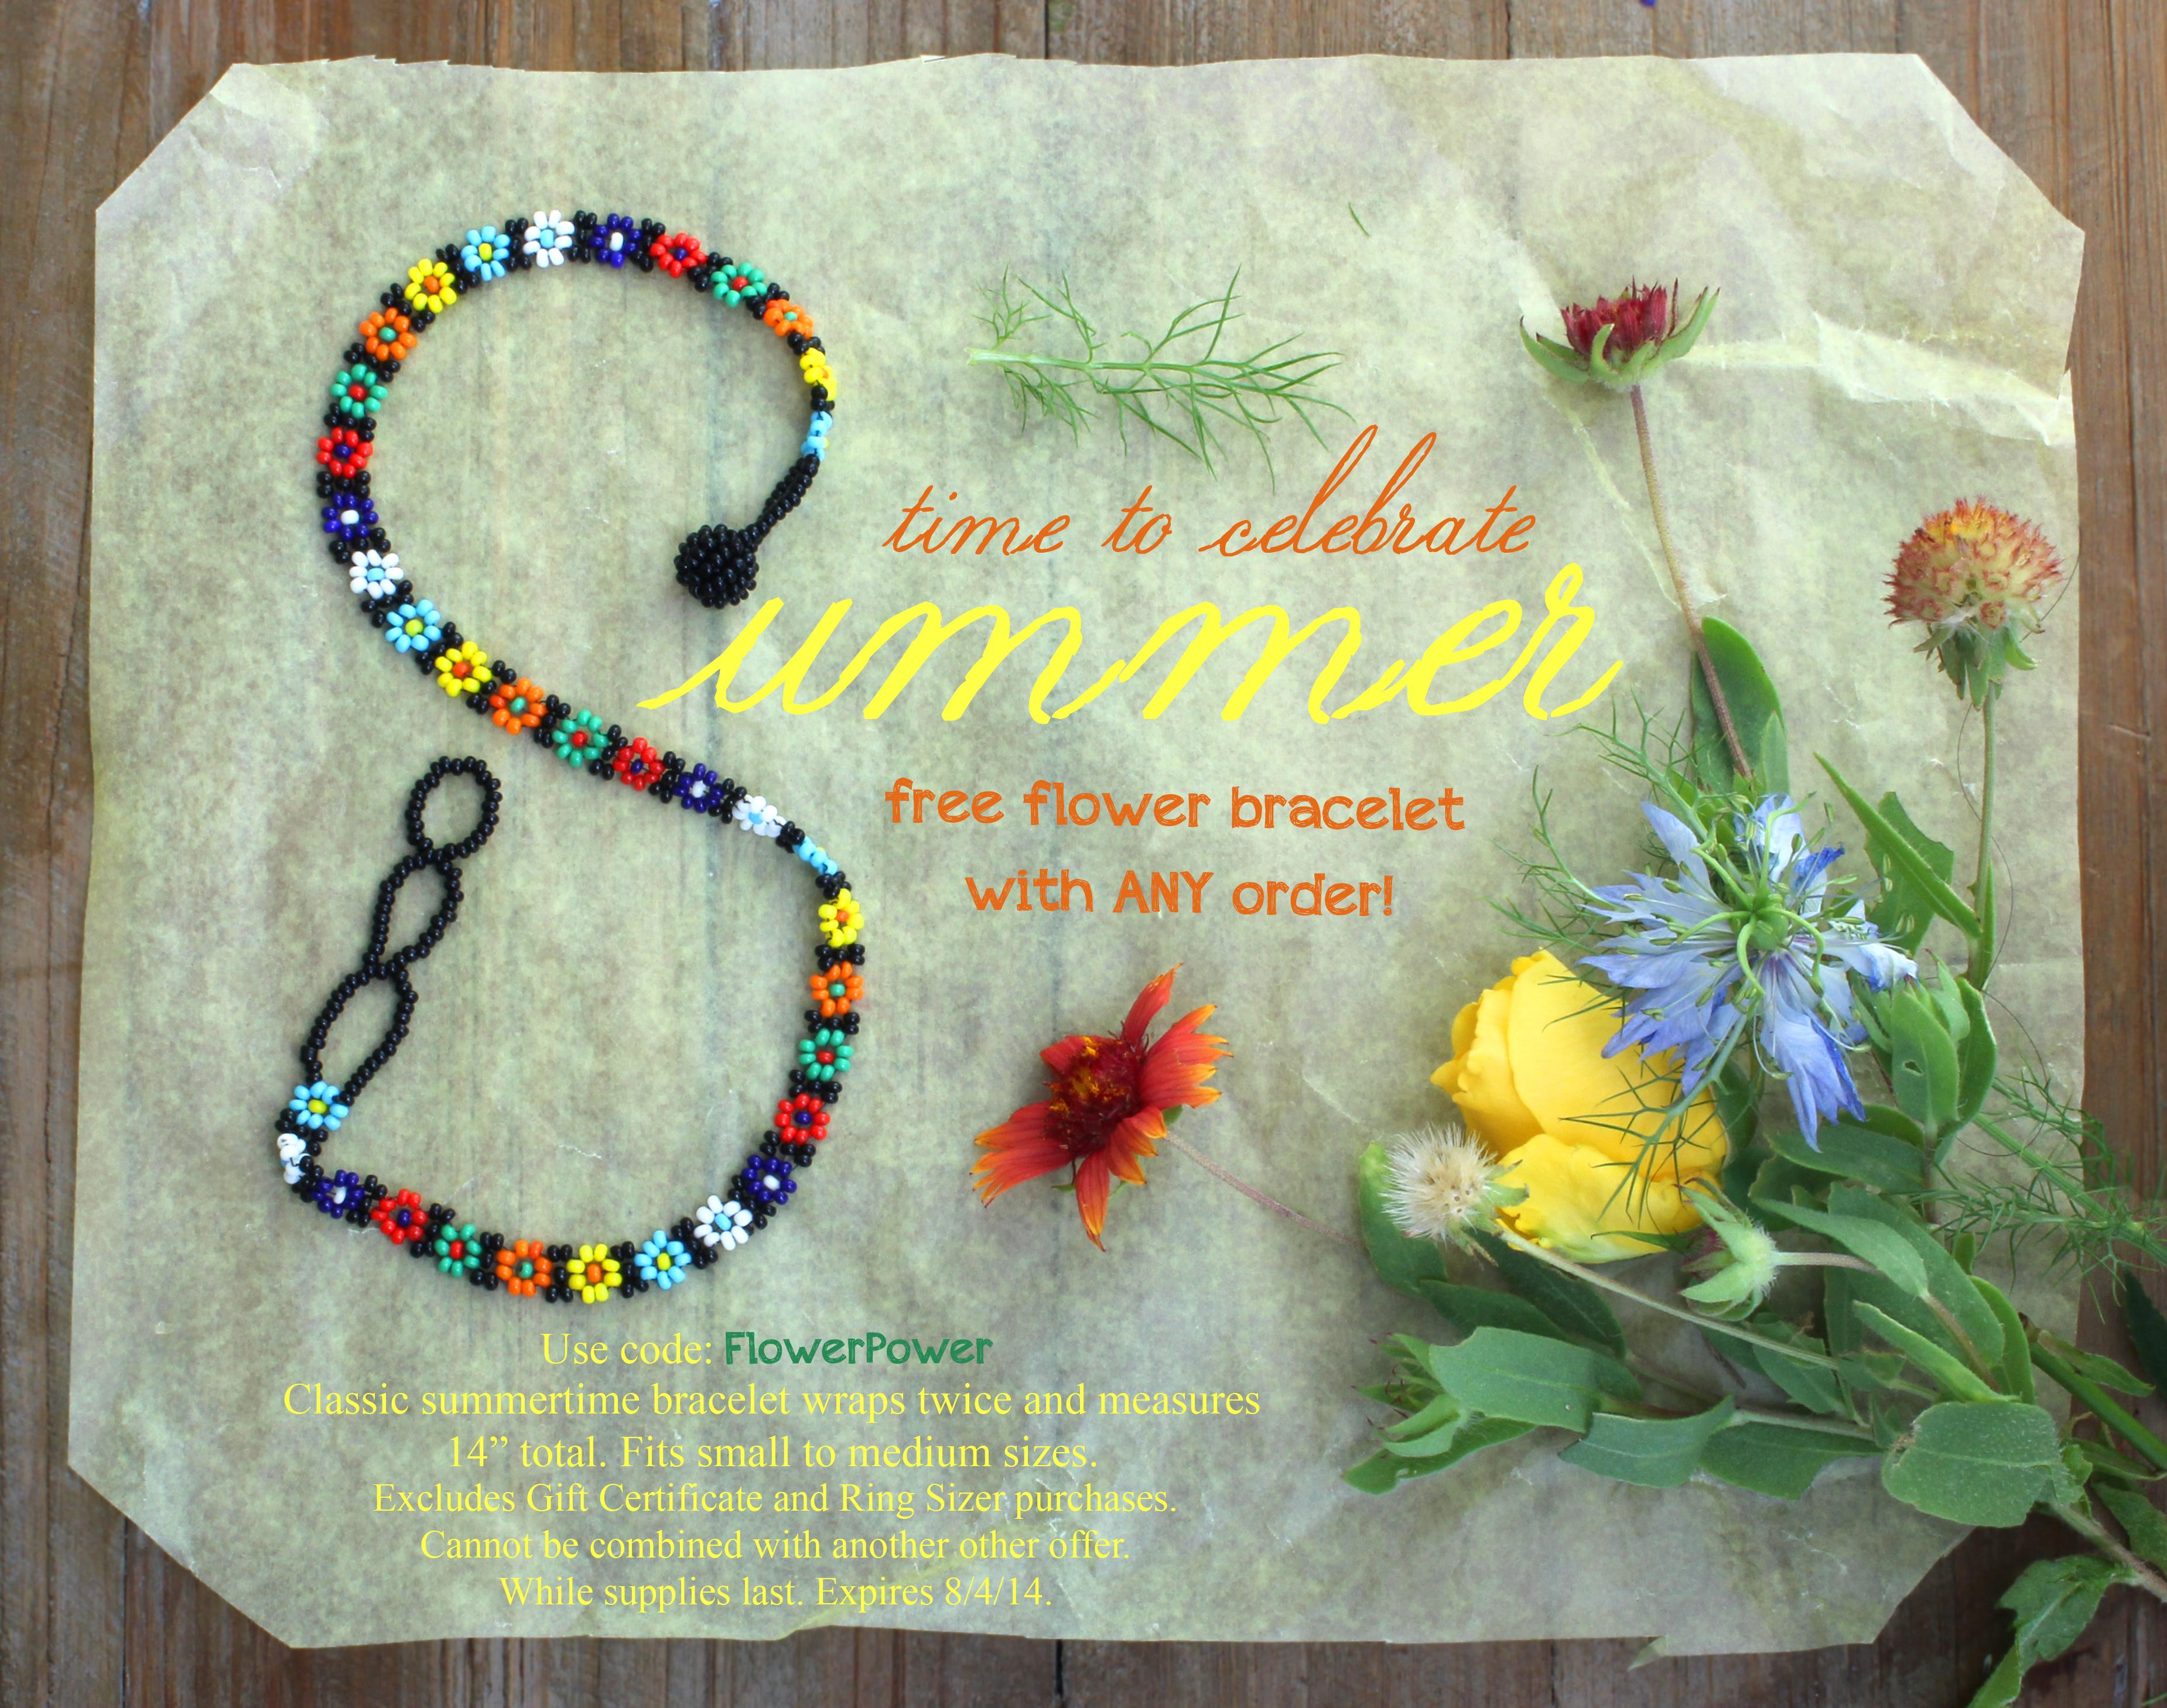 free summer bracelet - Final Final - Copy